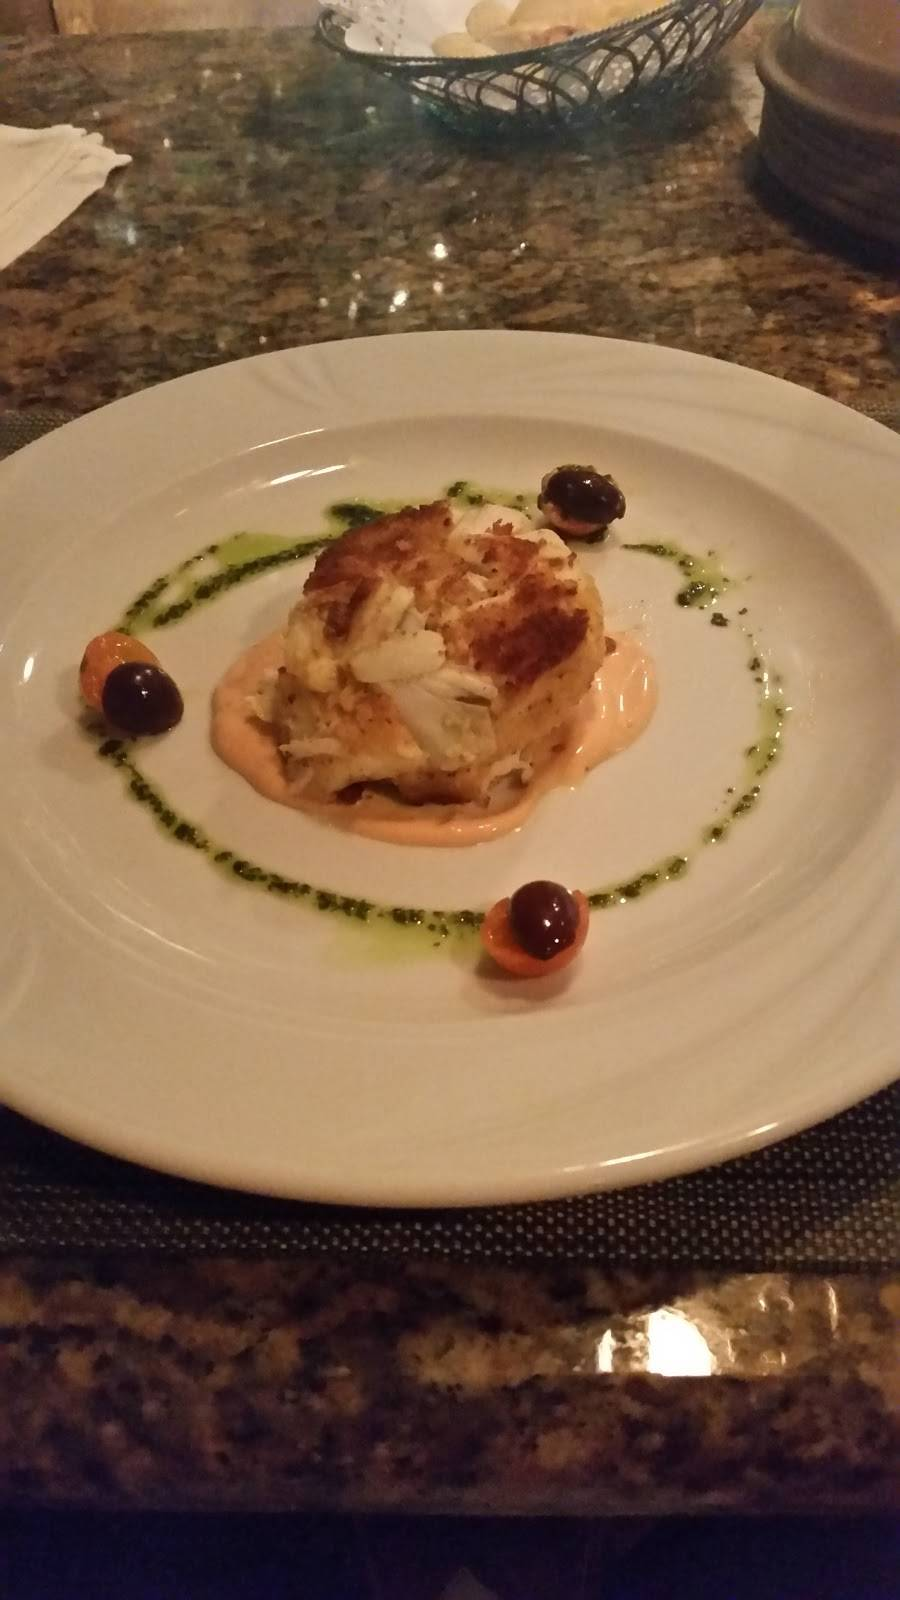 Luigi Q Italian Restaurant | restaurant | 400 S Oyster Bay Rd, Hicksville, NY 11801, USA | 5169327450 OR +1 516-932-7450